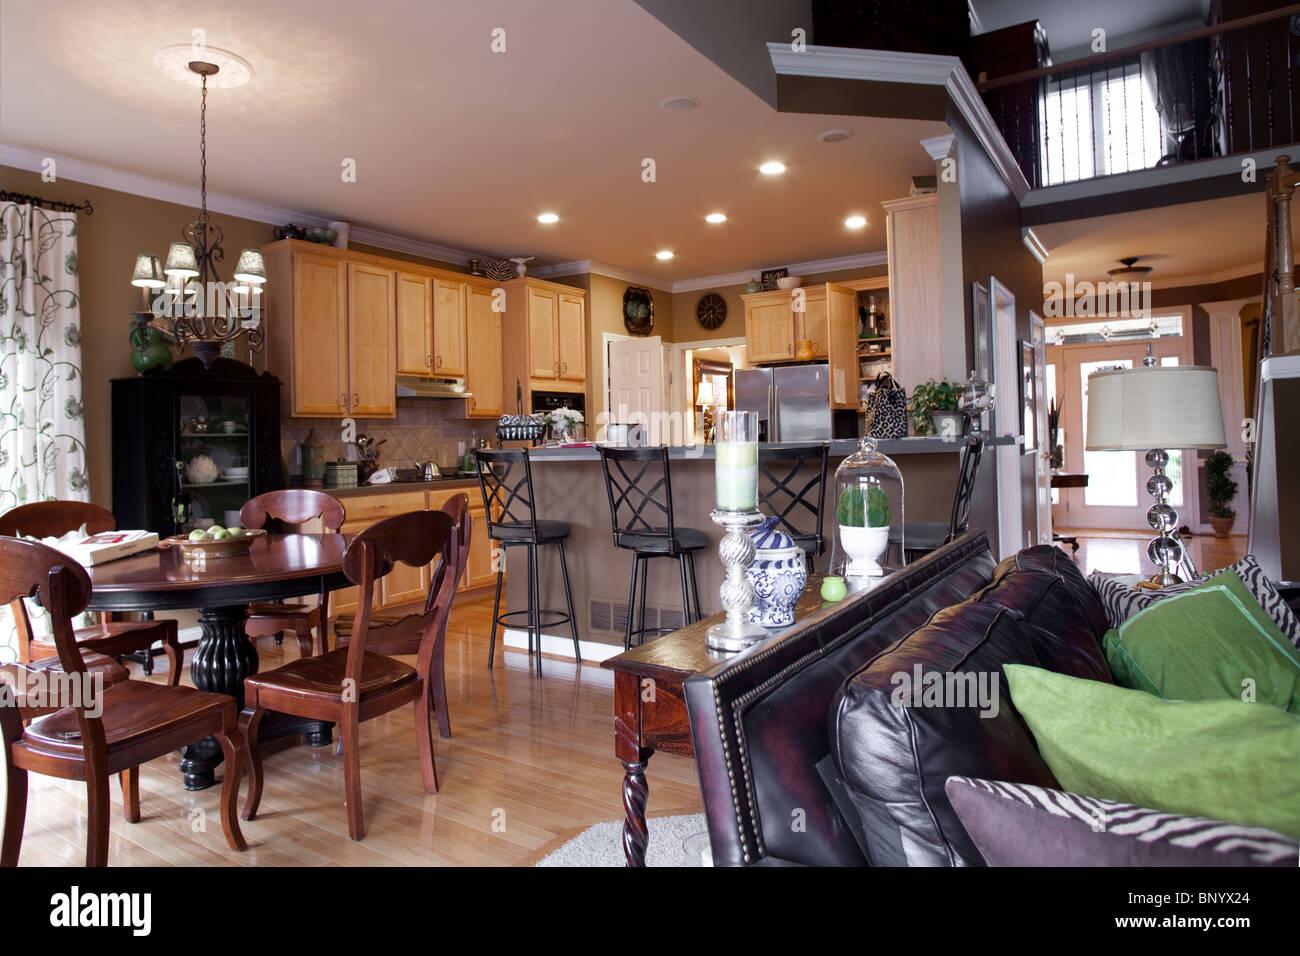 Cozinha Americana E Sala De Jantar Affordable Notem Que As Mesas Da